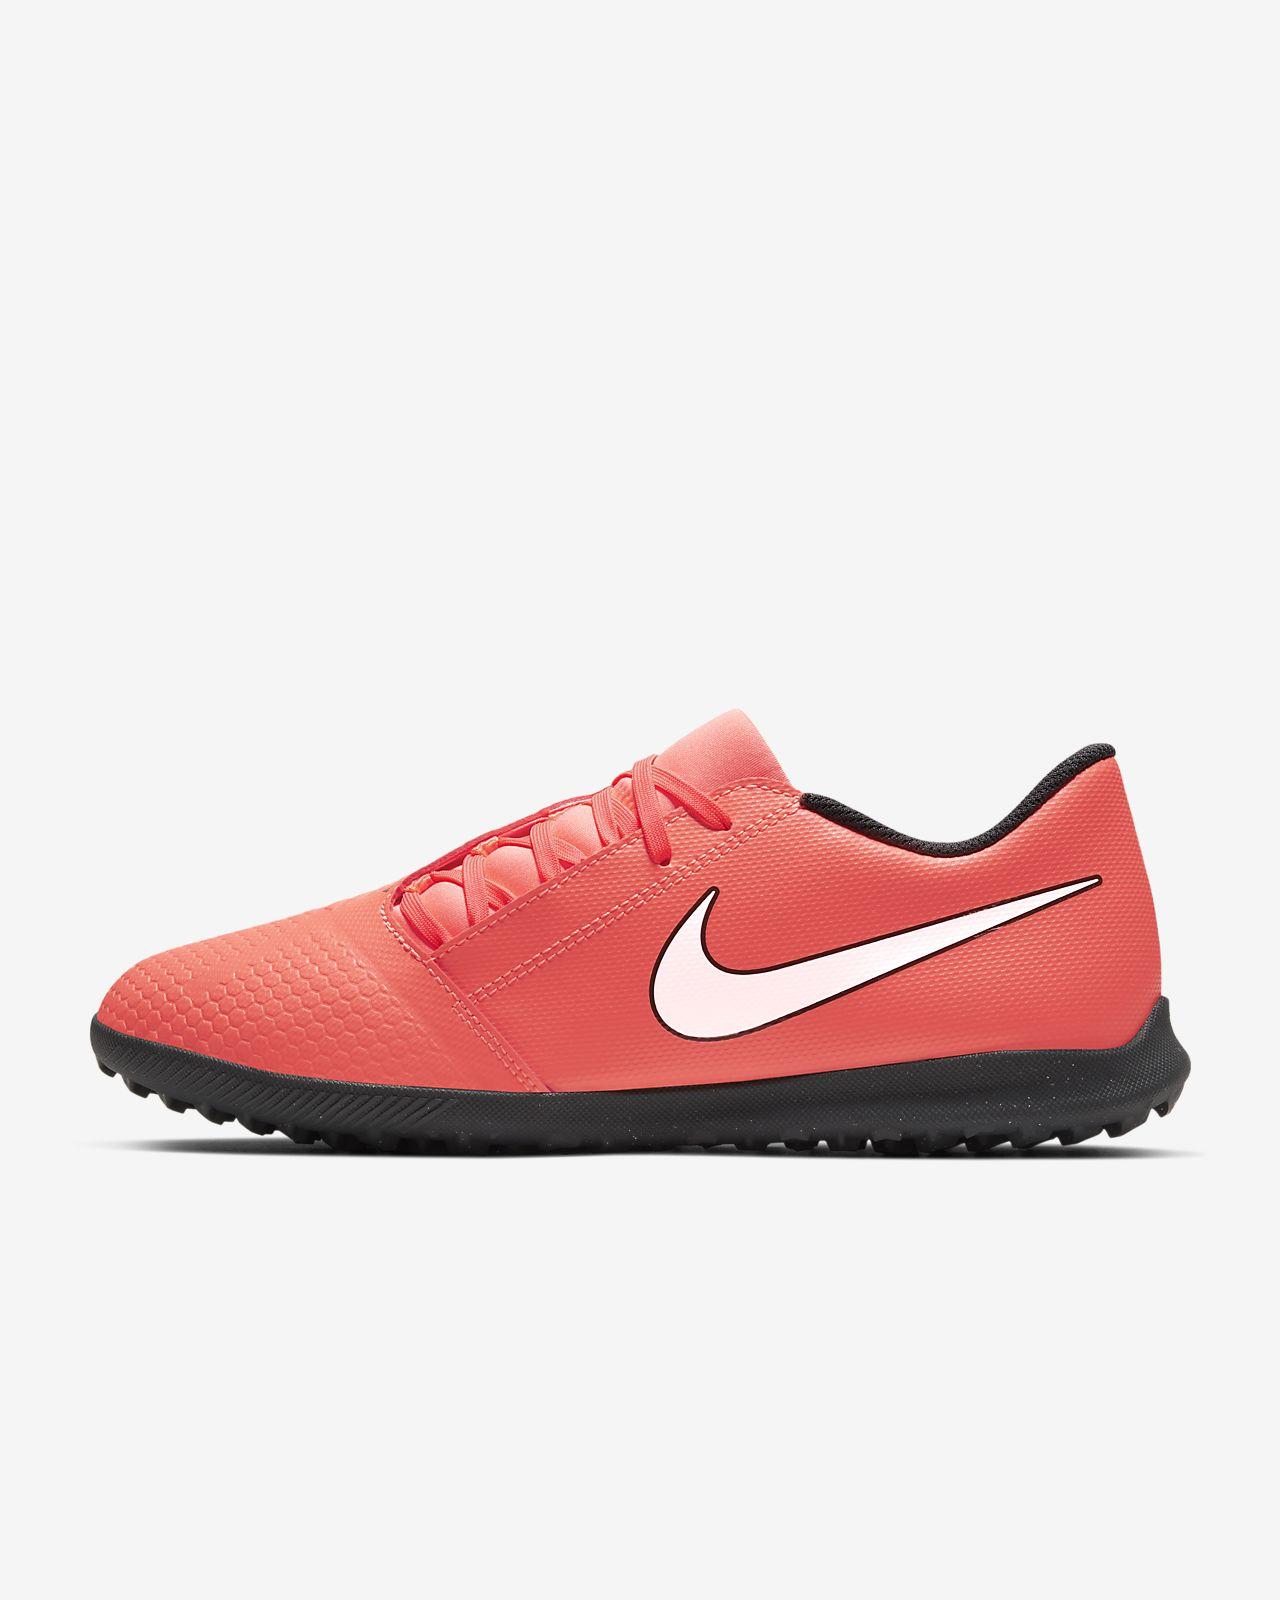 Calzado de fútbol para césped artificial Nike PhantomVNM Club TF